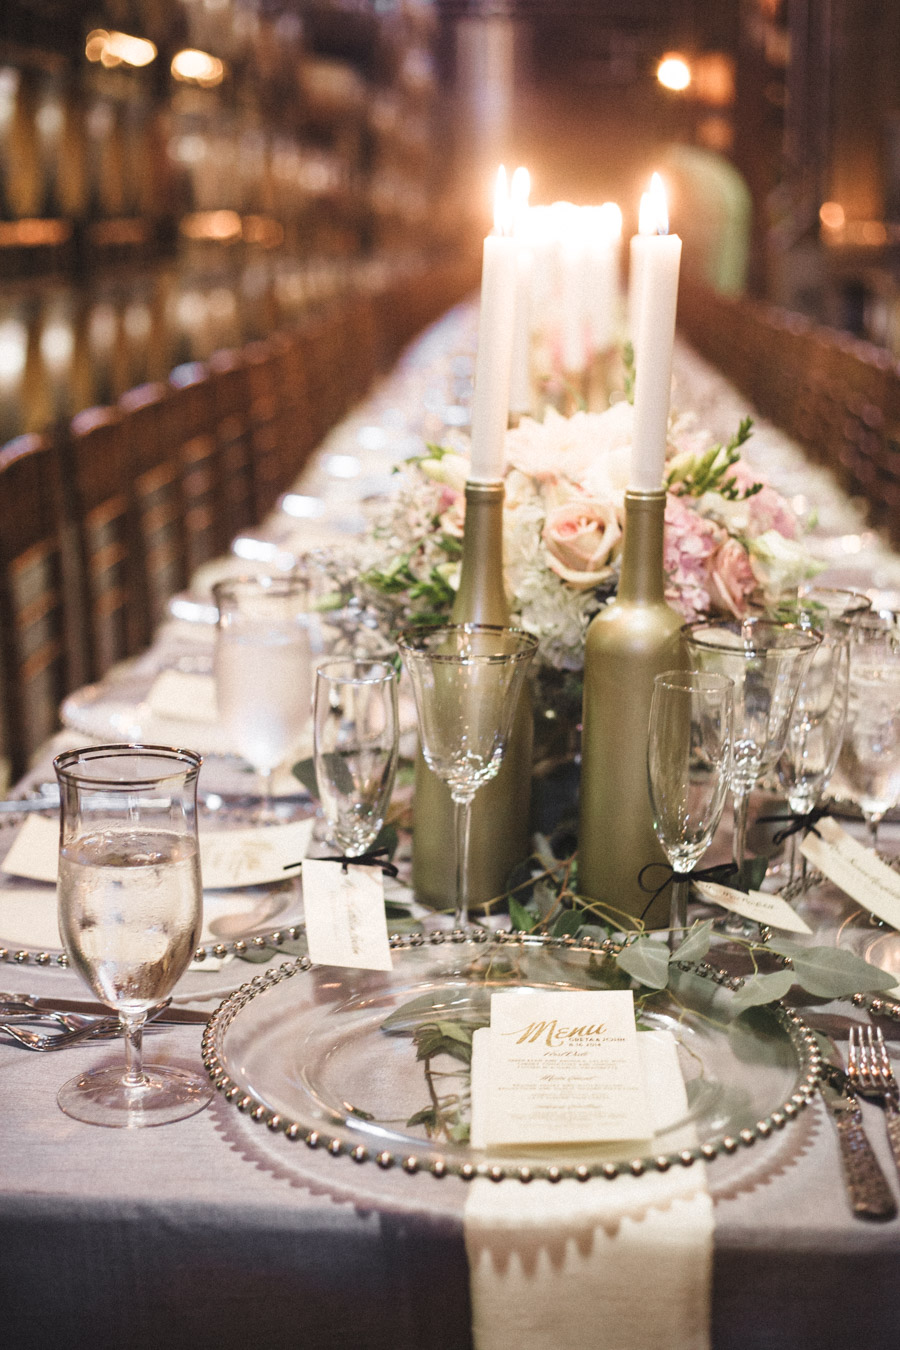 LArredondo_182308_Santa_Ynez_Wedding.jpg